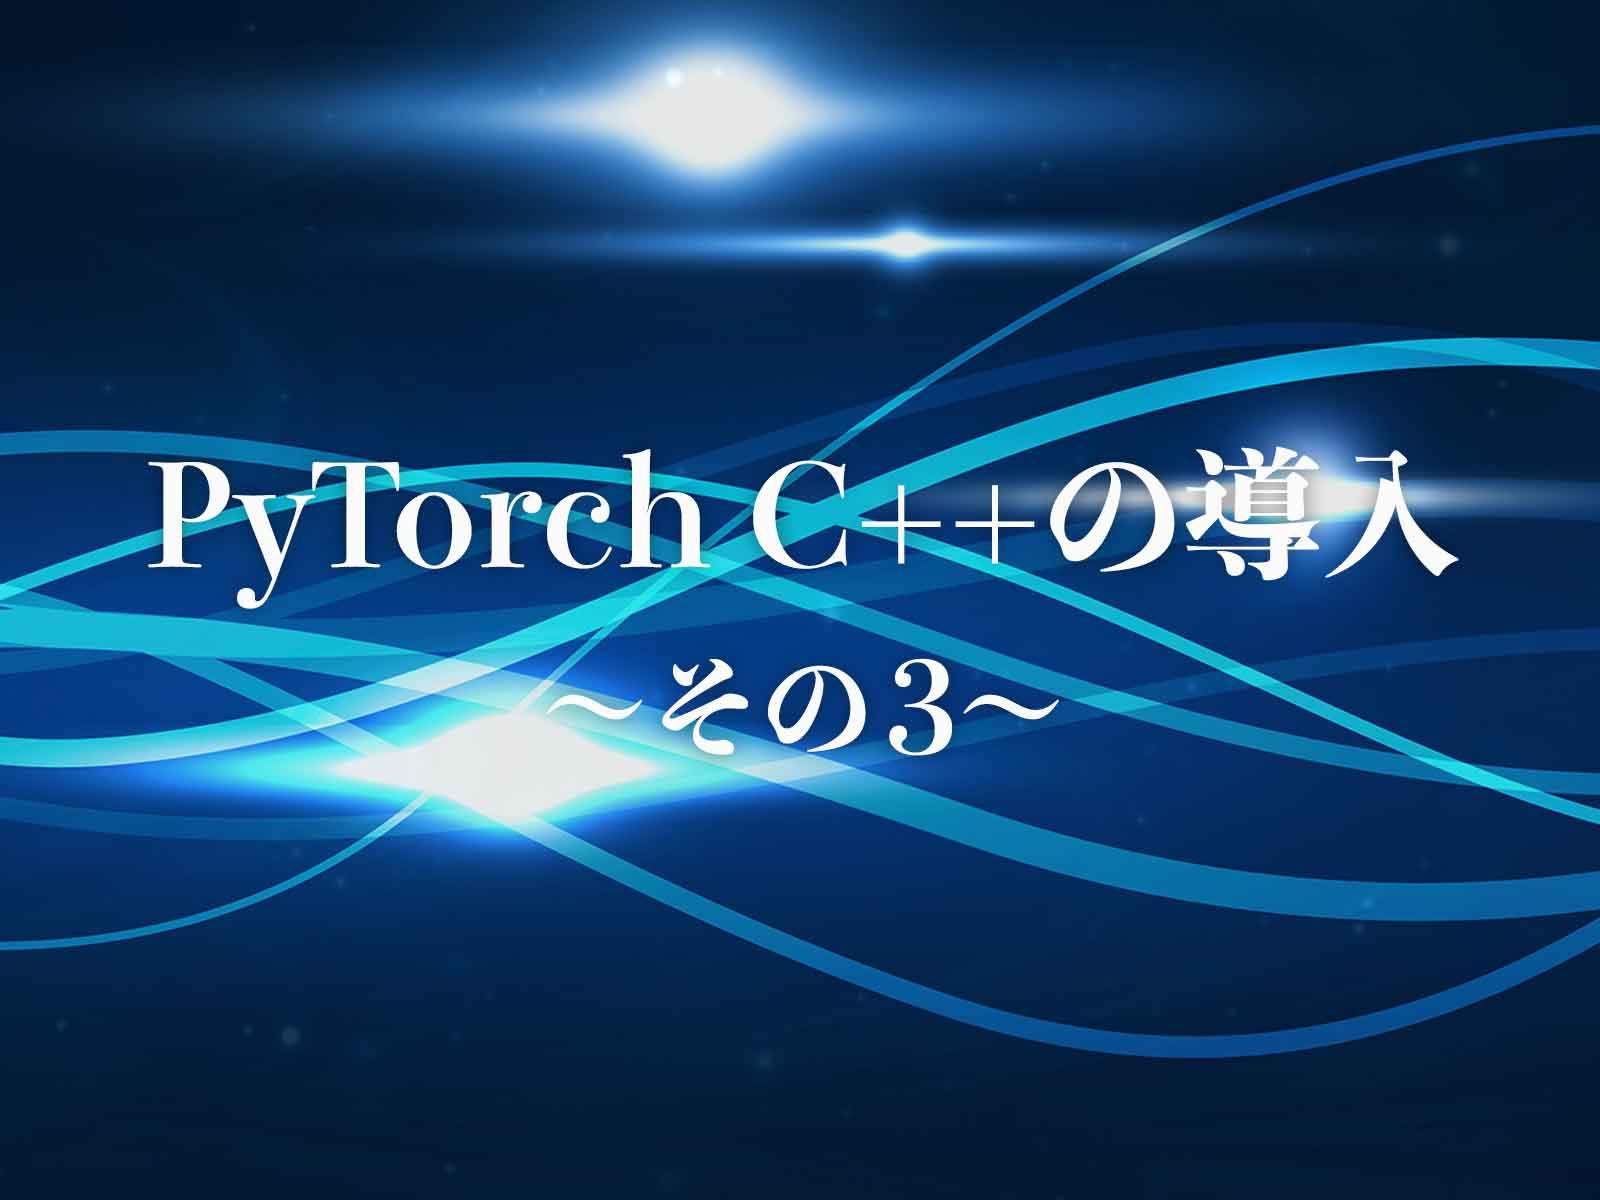 PyTorch C++の導入〜その3〜